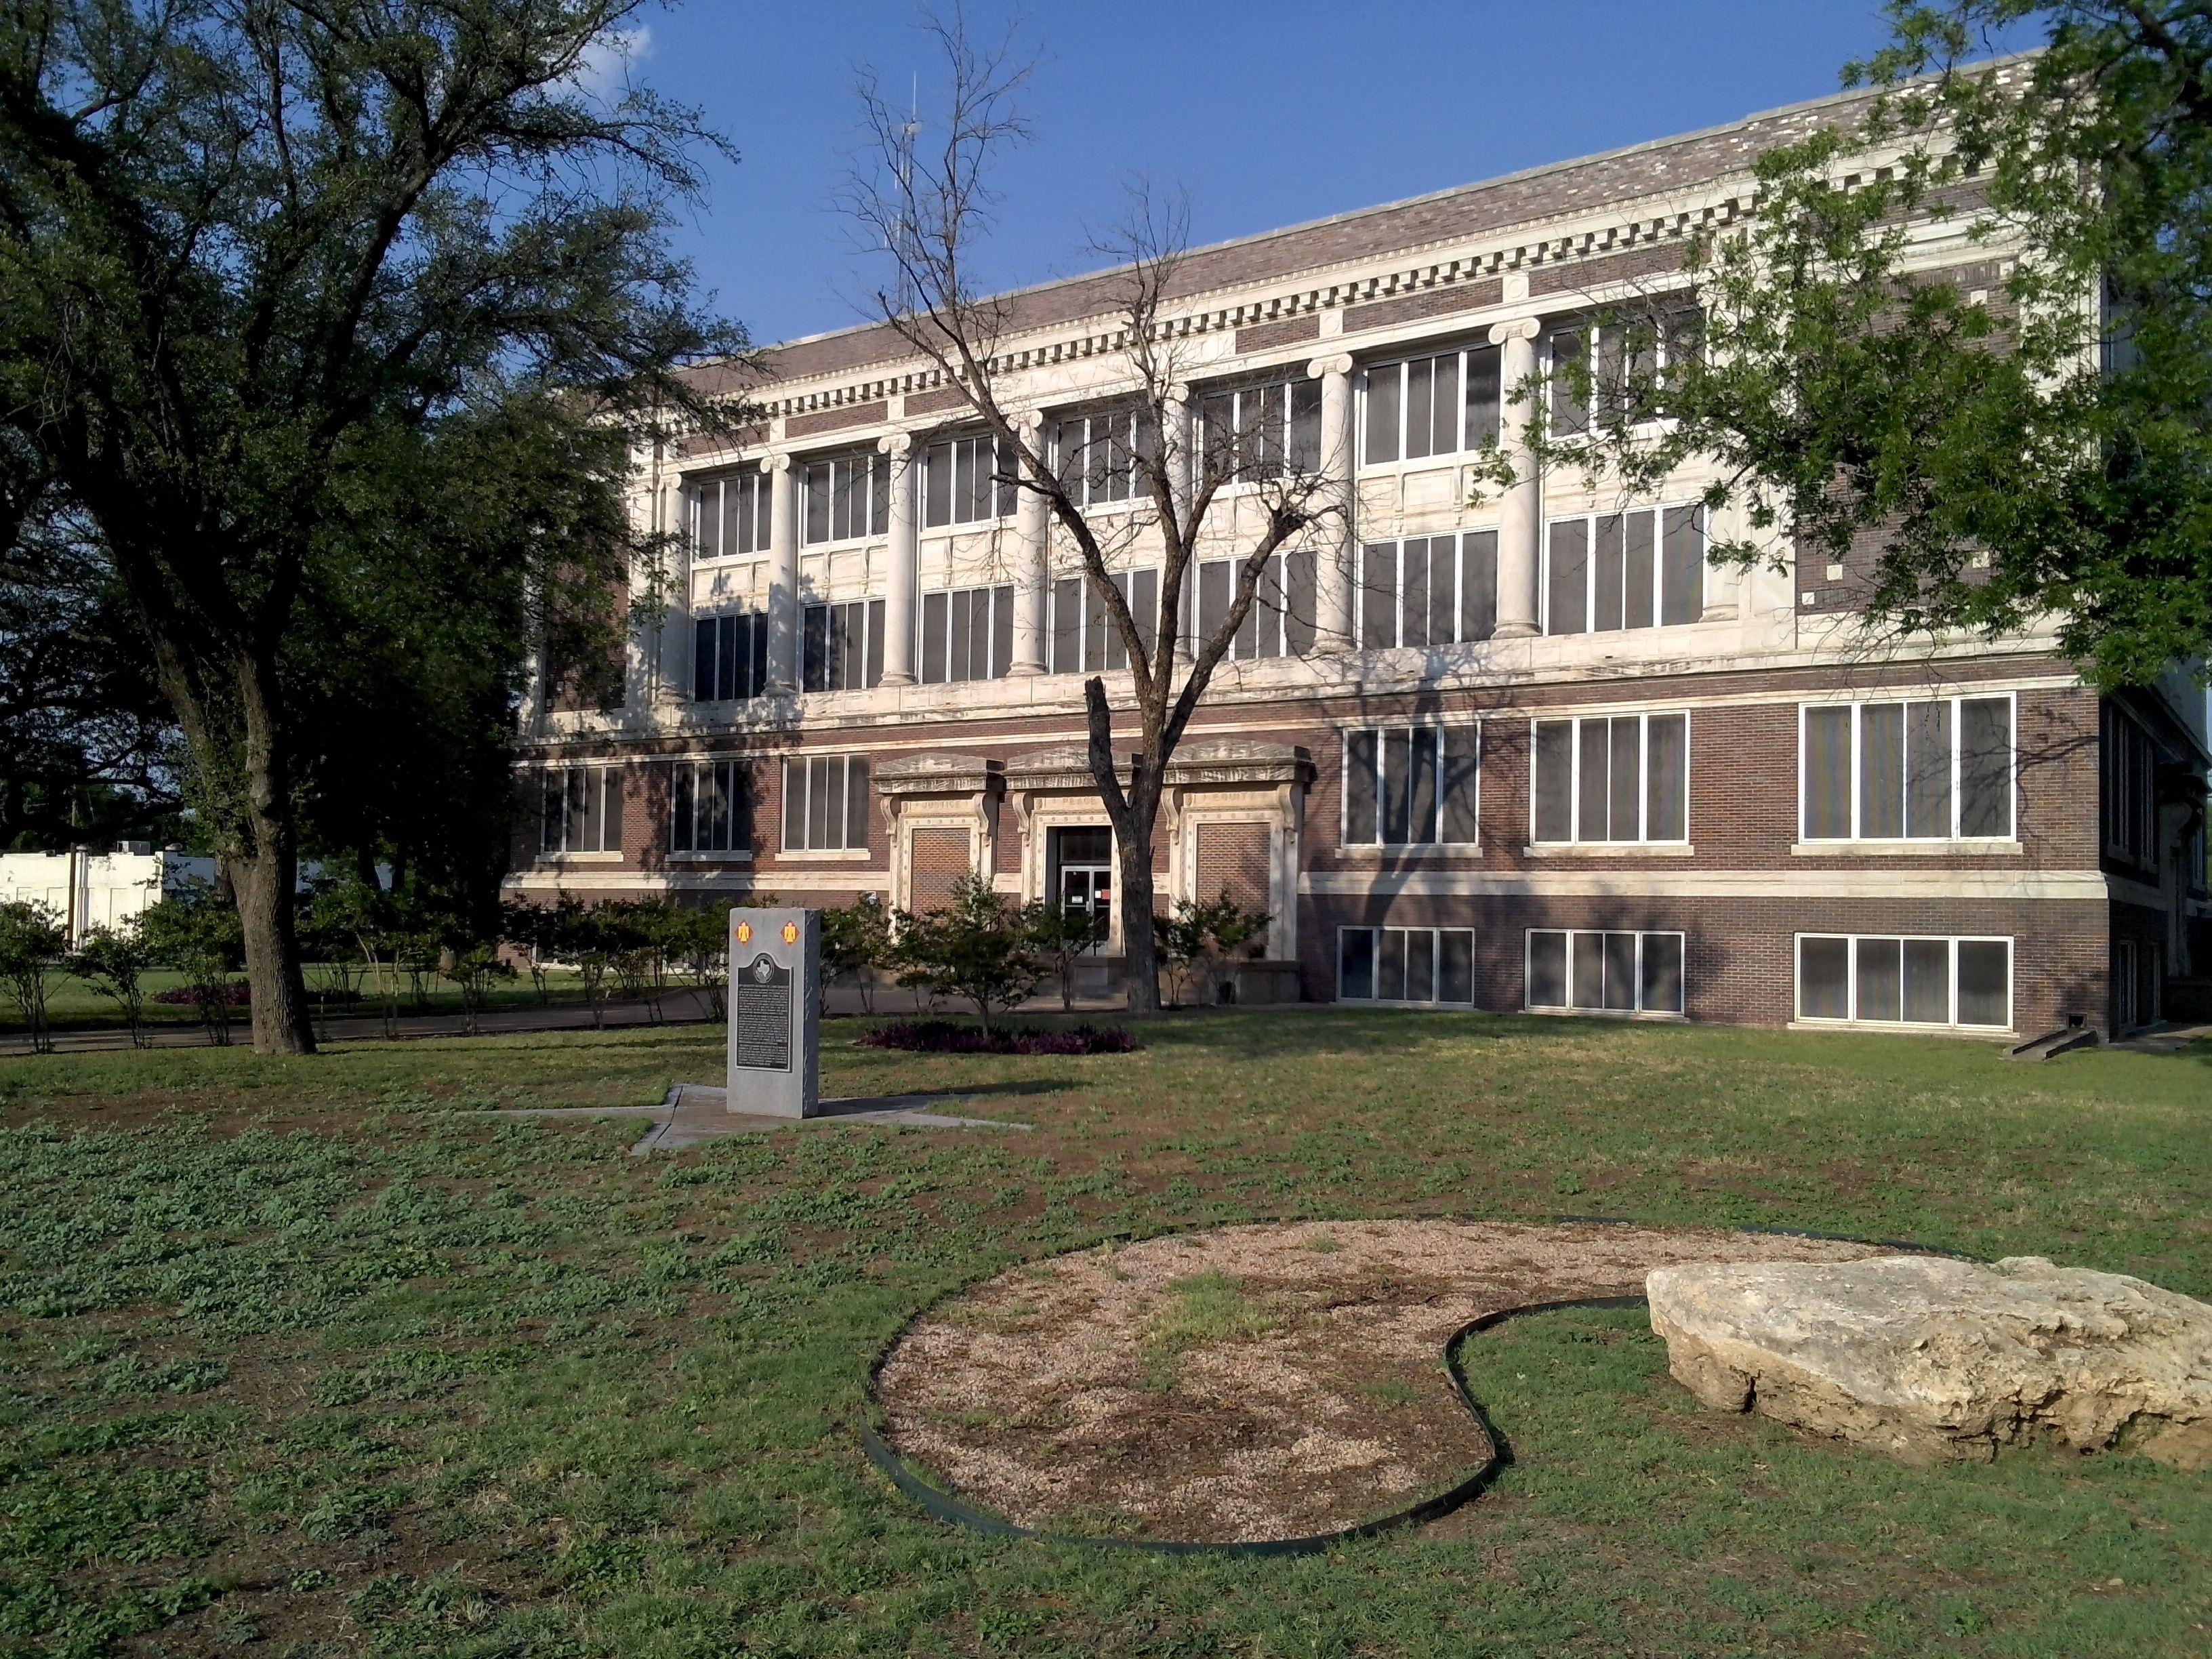 Building in Abilene Texas